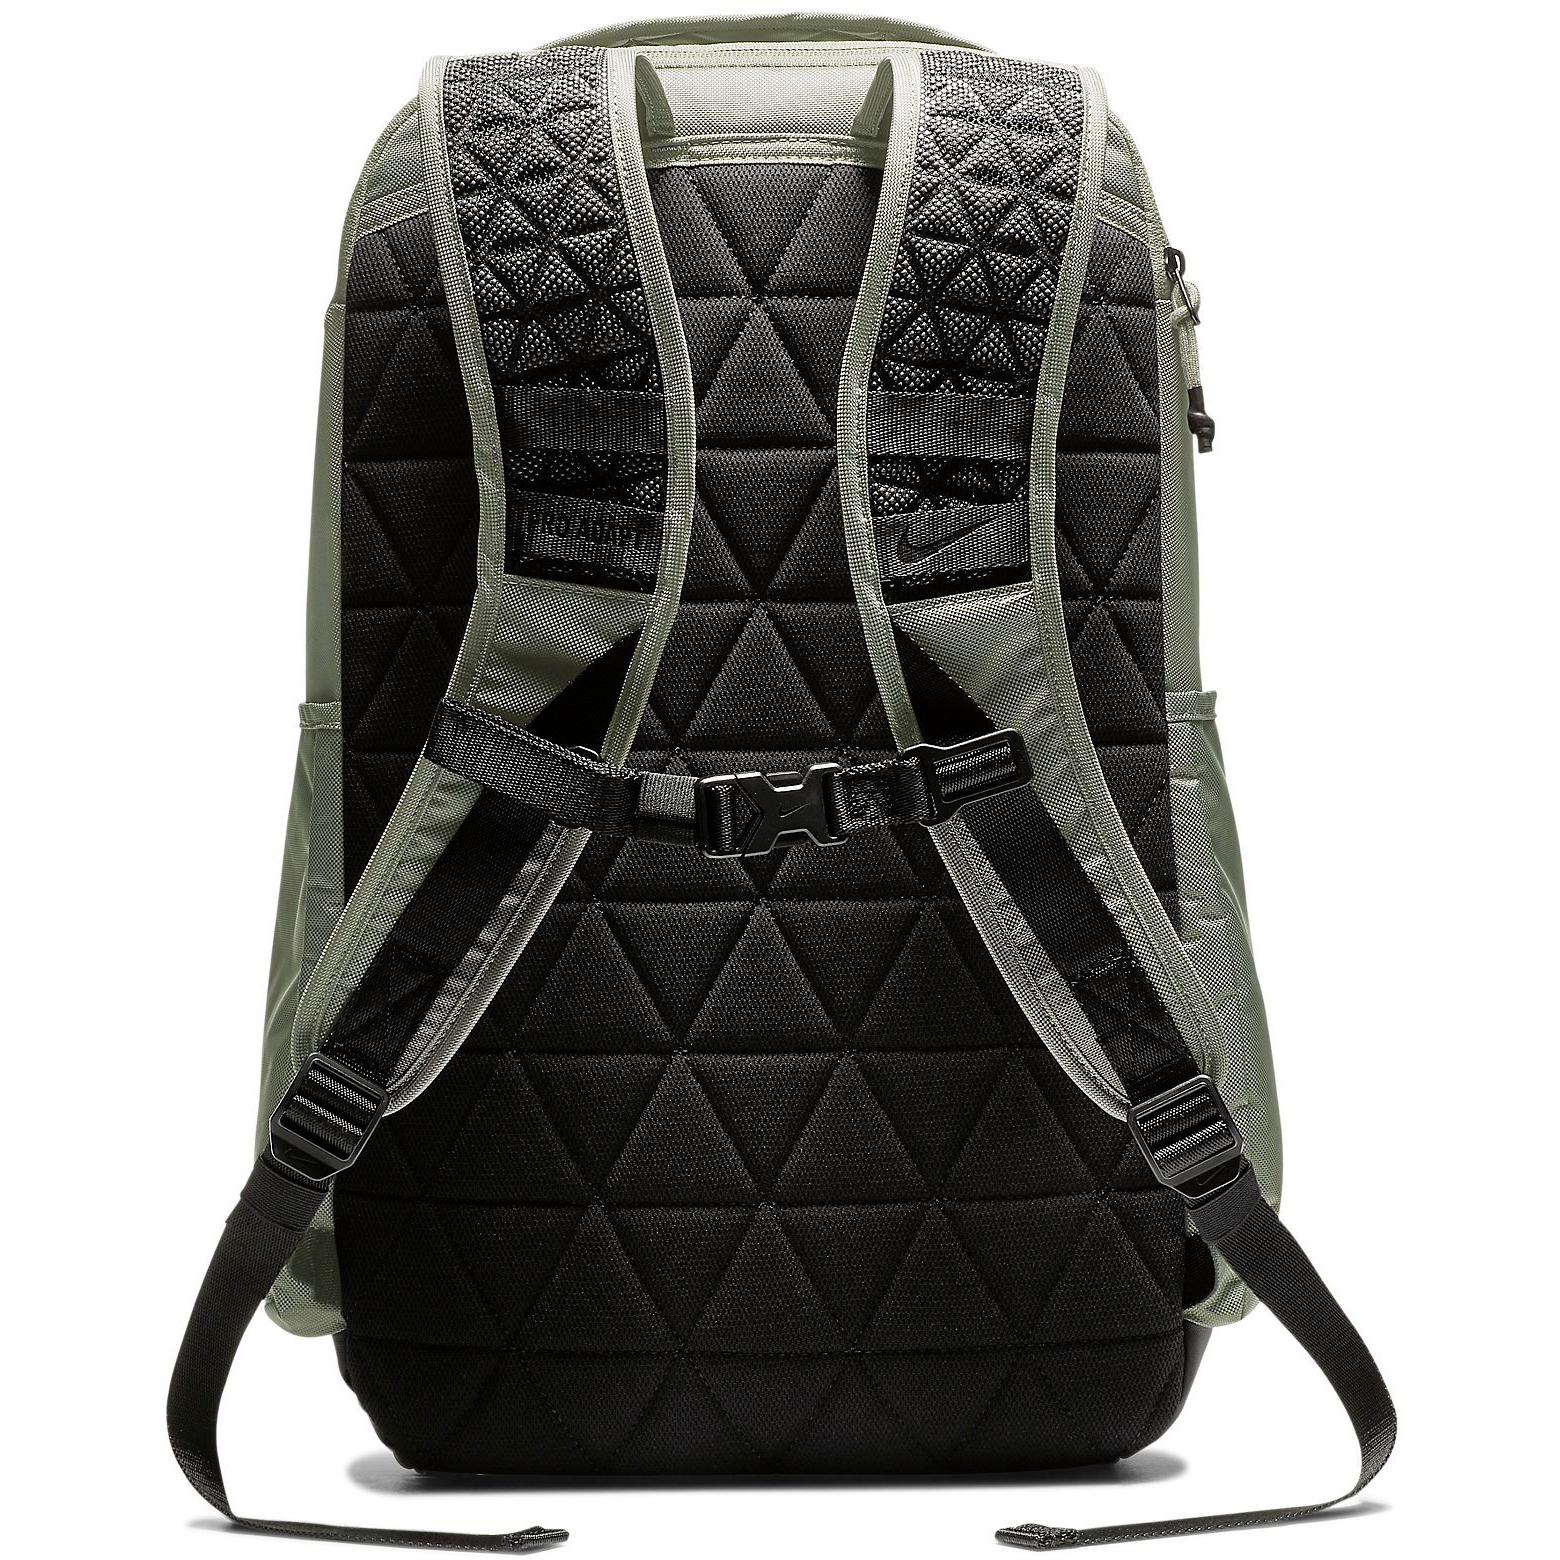 050c04f9fec0 Nike Vapor Power 2.0 Training Backpack - SPORTING GOODS Backpacks ...